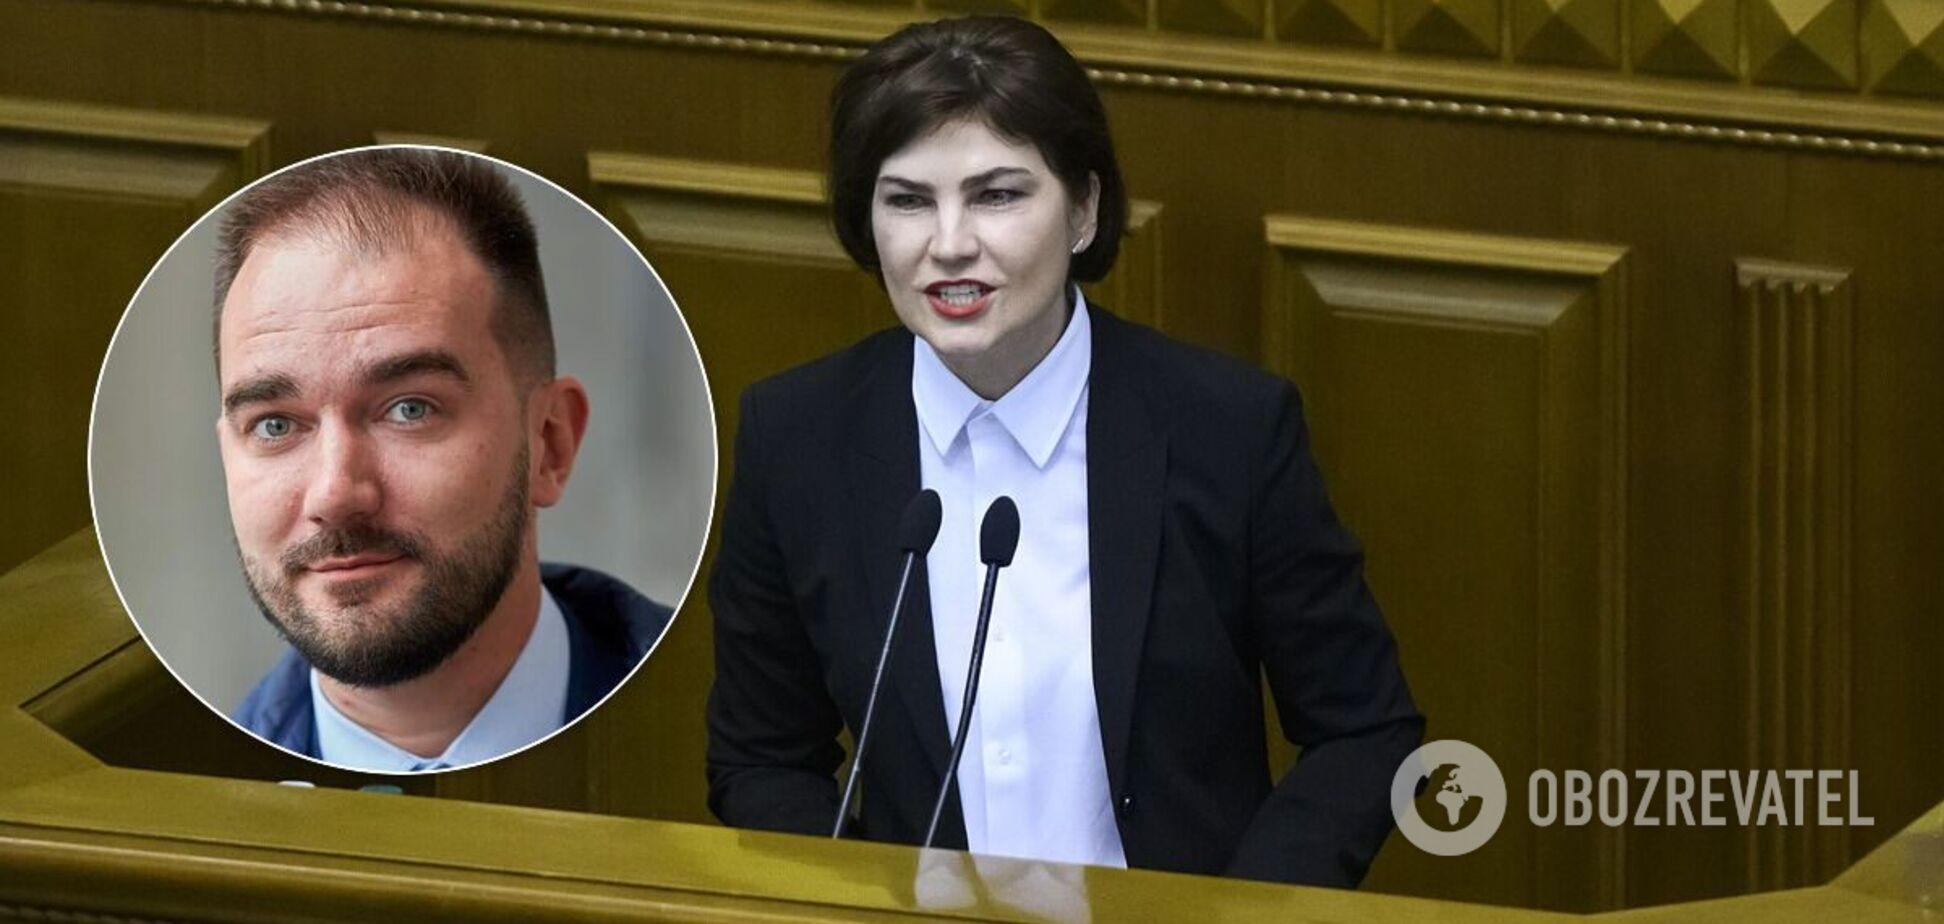 Венедіктова вперше прокоментувала скандал із хабарем Юрченку